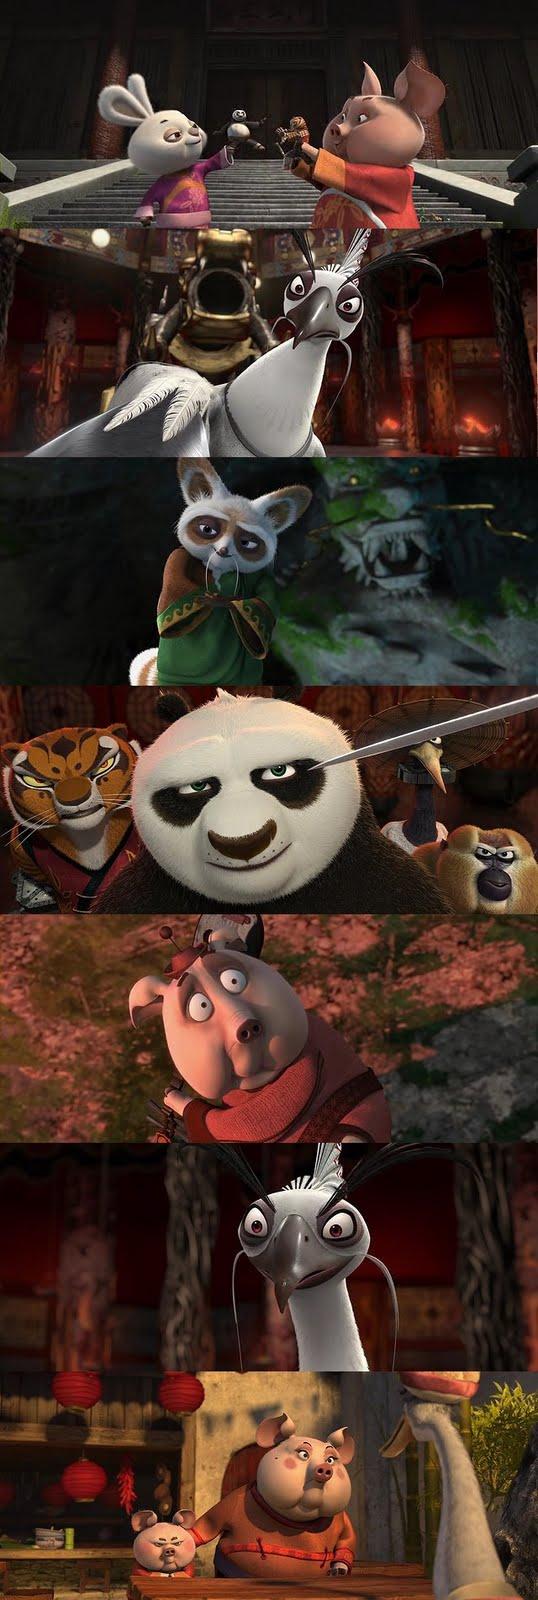 Kung Fu Panda 2 (2011) [DVDRip] [Latino]